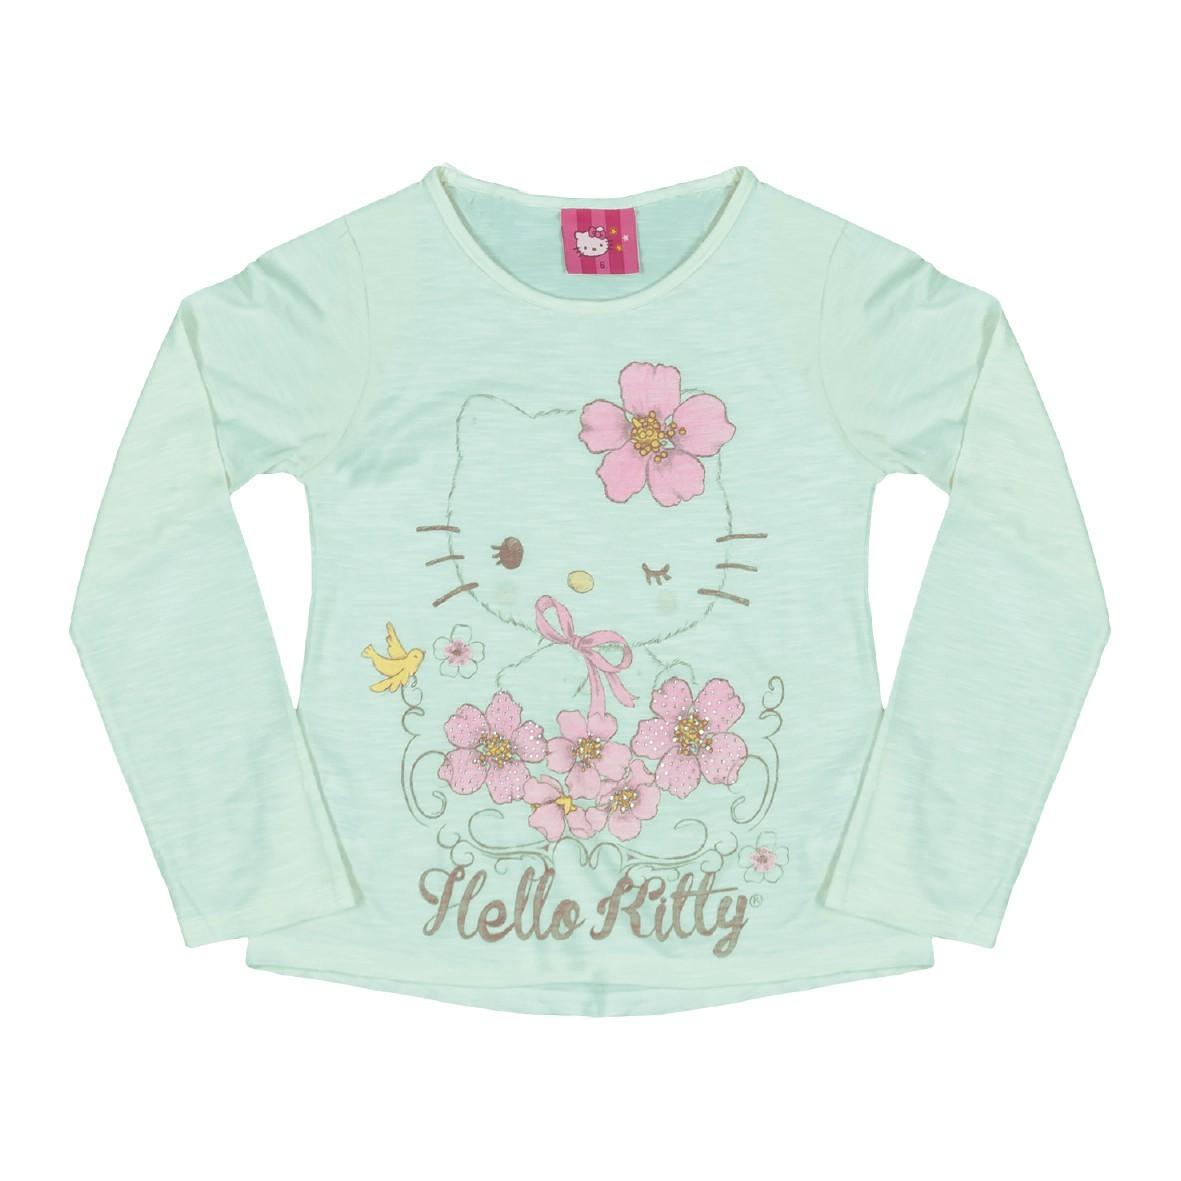 9f3e6c8f8c Bizz Store - Blusa Infantil Feminina Hello Kitty Manga Longa